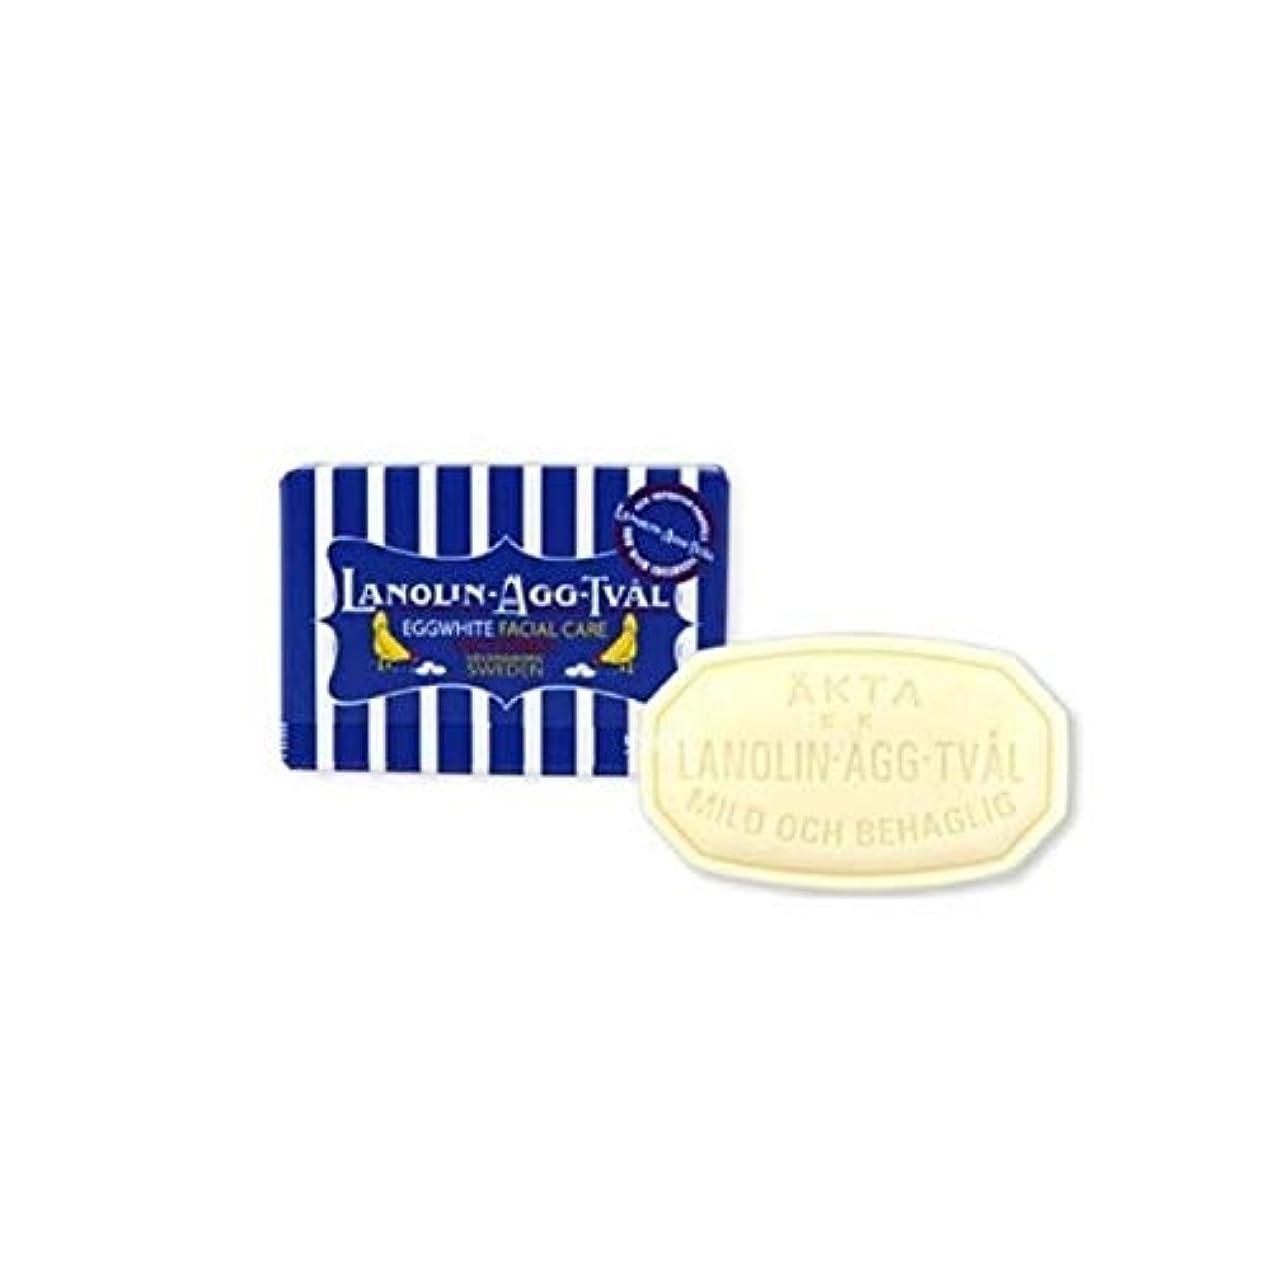 移住する膜後継ヴィクトリア(Victoria) スウェーデン エッグ ホワイトソープ 50g×6個セット エッグパック[並行輸入品]